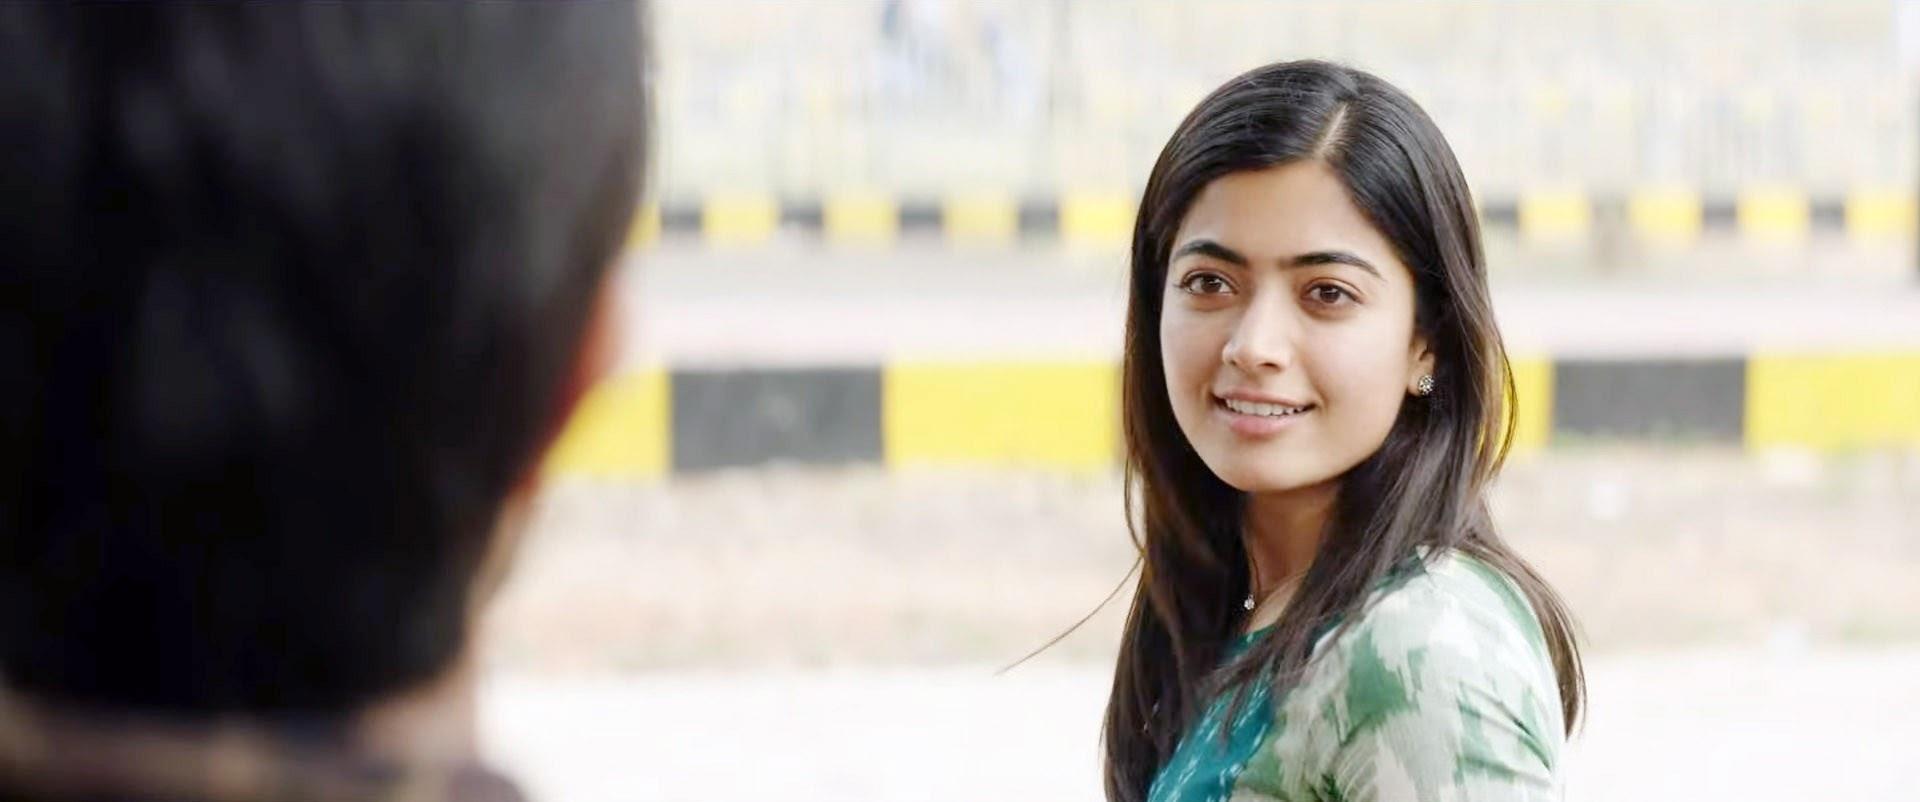 दक्षिण भारतीय फिल्म उद्योगको चर्चित अभिनेत्री रश्मिका अब बलिउडमा